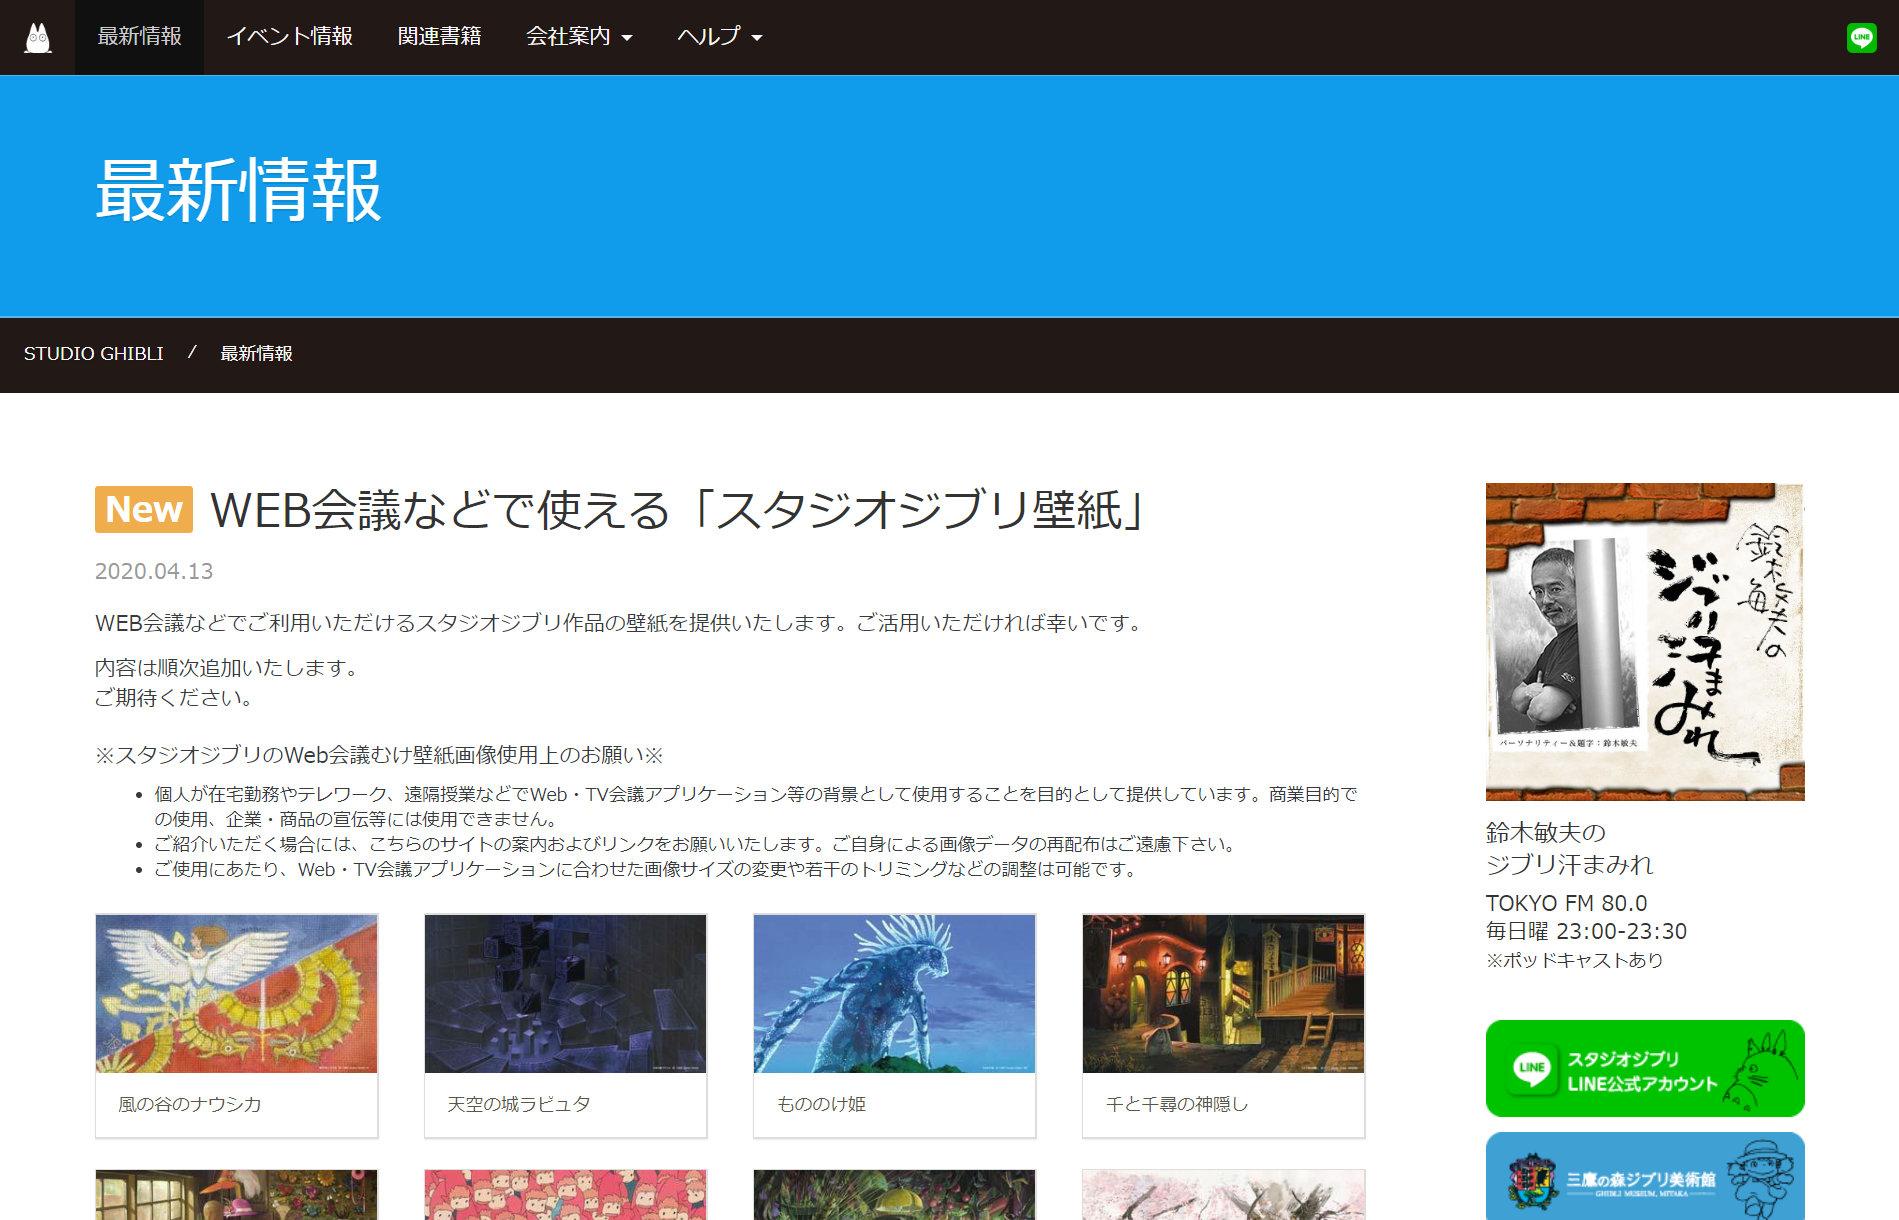 WEB篌������т戎�������帥�������紕���� class=